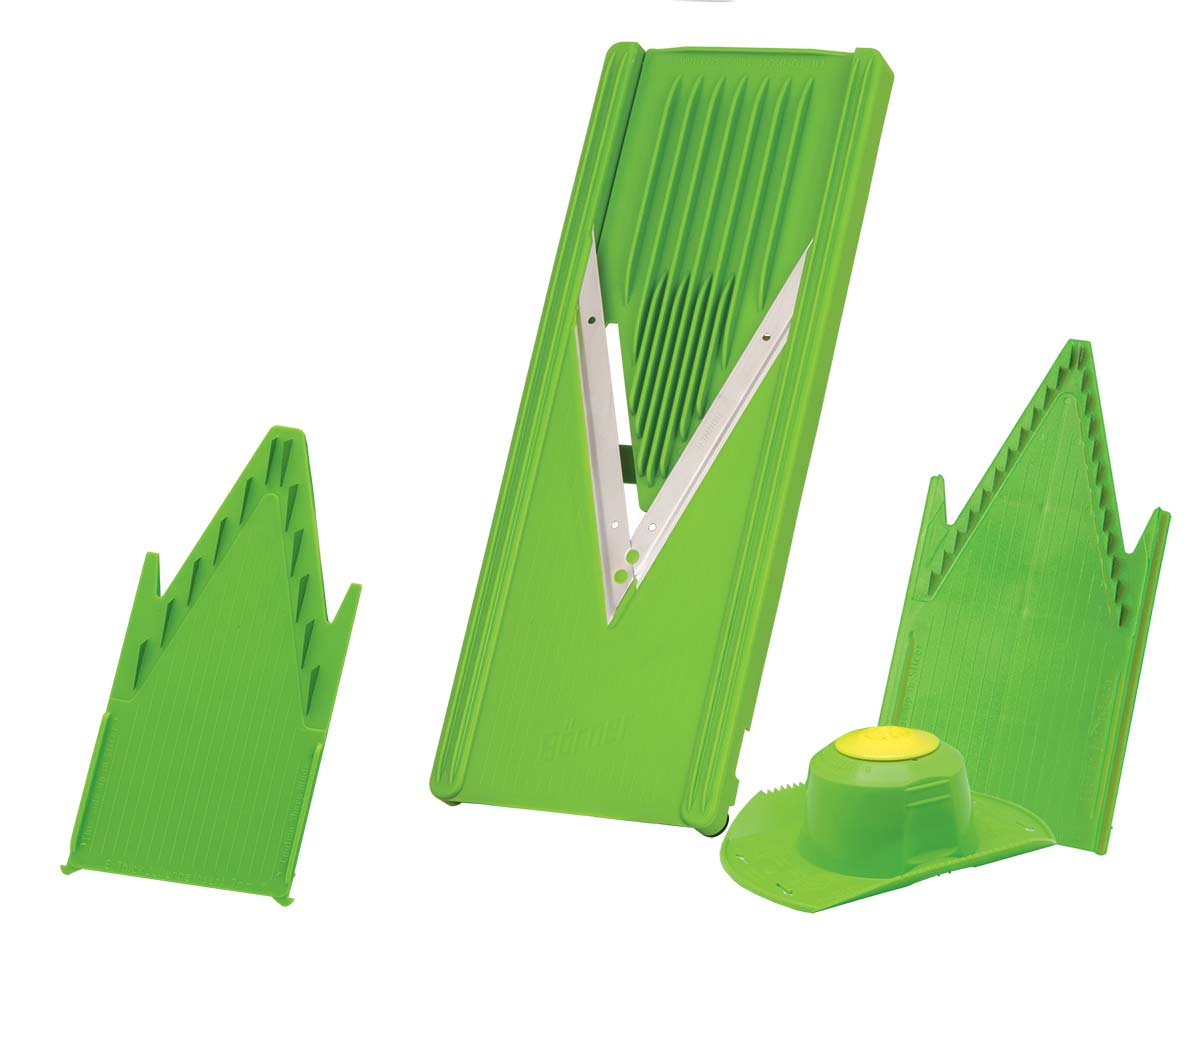 Овощерезка Borner Classic, цвет: салатовый, 5 предметов03144Базовый комплект овощерезки Borner Classic уже более 30 лет пользуется неизменной популярностью домохозяек.Удобен, доступен. 12 видов нарезки.Проверенное годами безупречное немецкое качество.Корпус овощерезки выполнен из пищевого полистирола.Базовый комплект овощерезки состоит из 5-ти предметов: - Рамы V (в которую вставляются вставки) - Безопасного плододержателя - Вставки безножевой (для шинковки капусты, нарезки из любых продуктов колечек, пластов и ломтиков)- Вставки с ножами 7 мм (для нарезки длинных или коротких брусочков, крупных кубиков)- Вставки с ножами 3,5 мм.Этот комплект овощерезки необходим как для каждодневного использования, так и при больших заготовках овощей и фруктов.